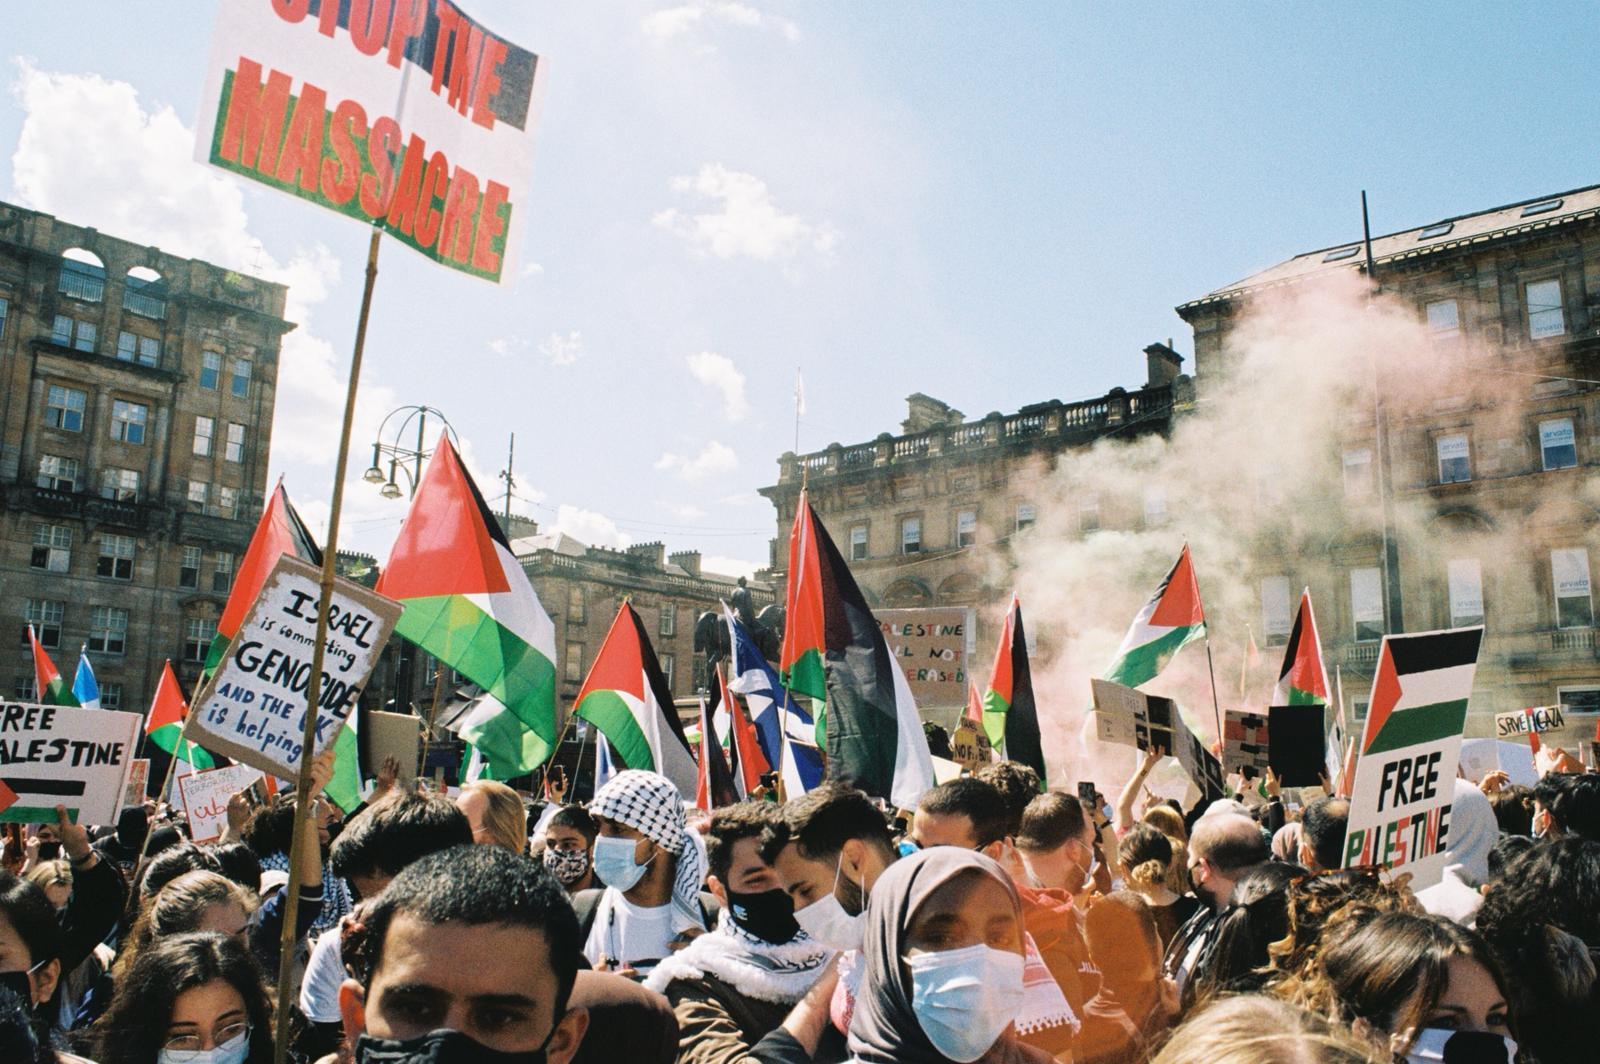 Statement on Palestine